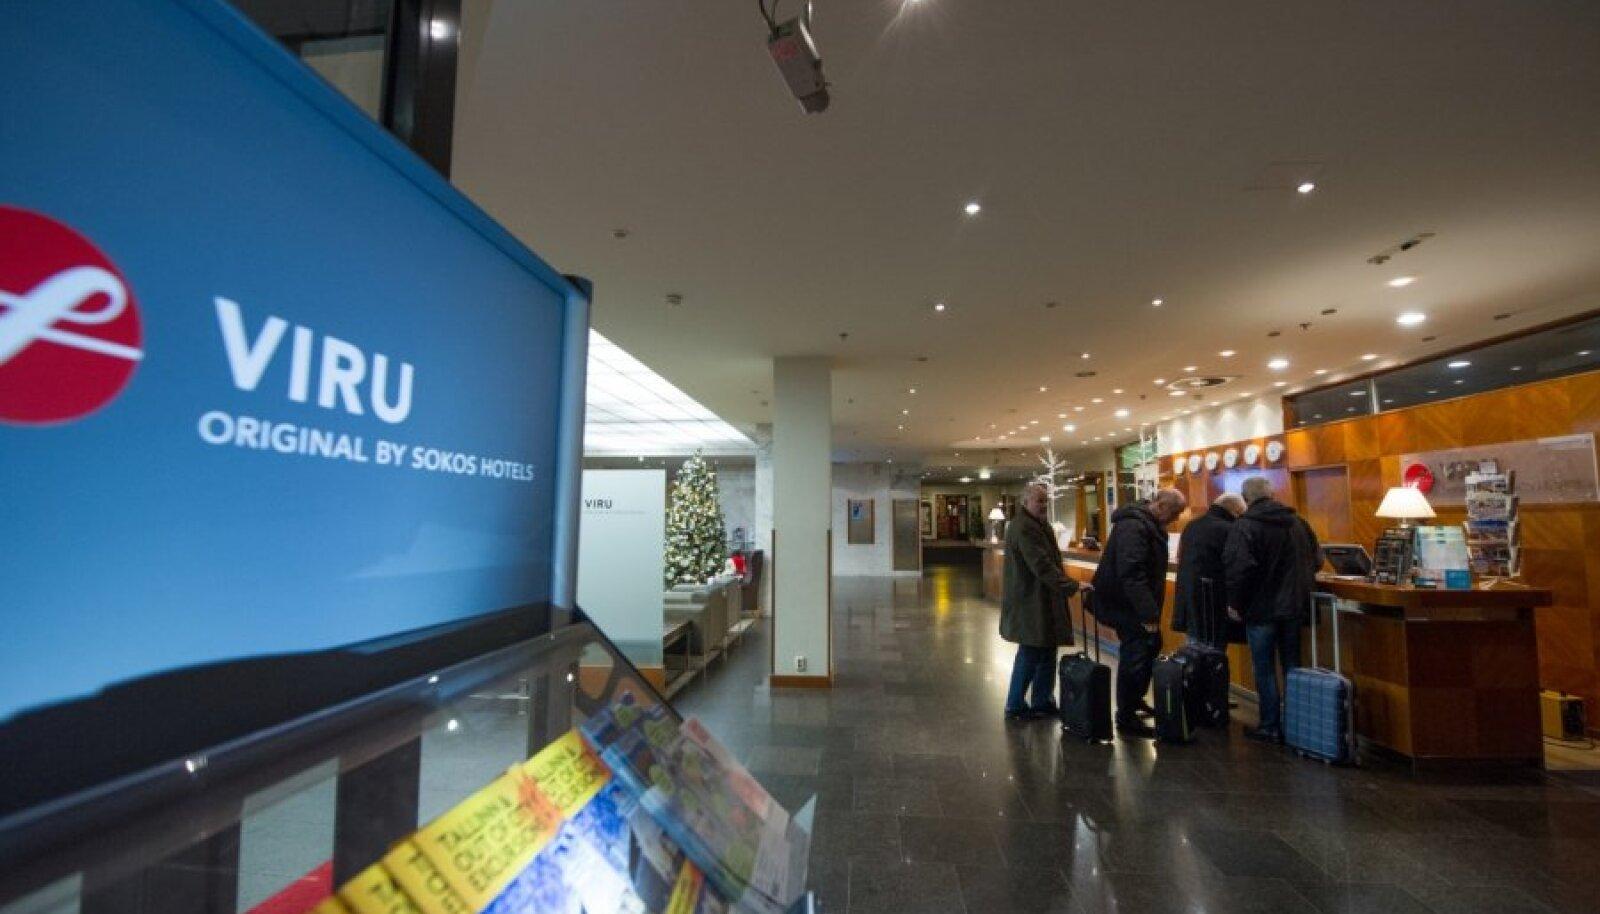 Selle aasta lõpus on Vene turistide hulk rubla kursi languse tõttu Eestis tavapärasest palju väiksem. Viru hotell oskas toimuvat ette näha ja vajalikud ümberkorraldused teha.